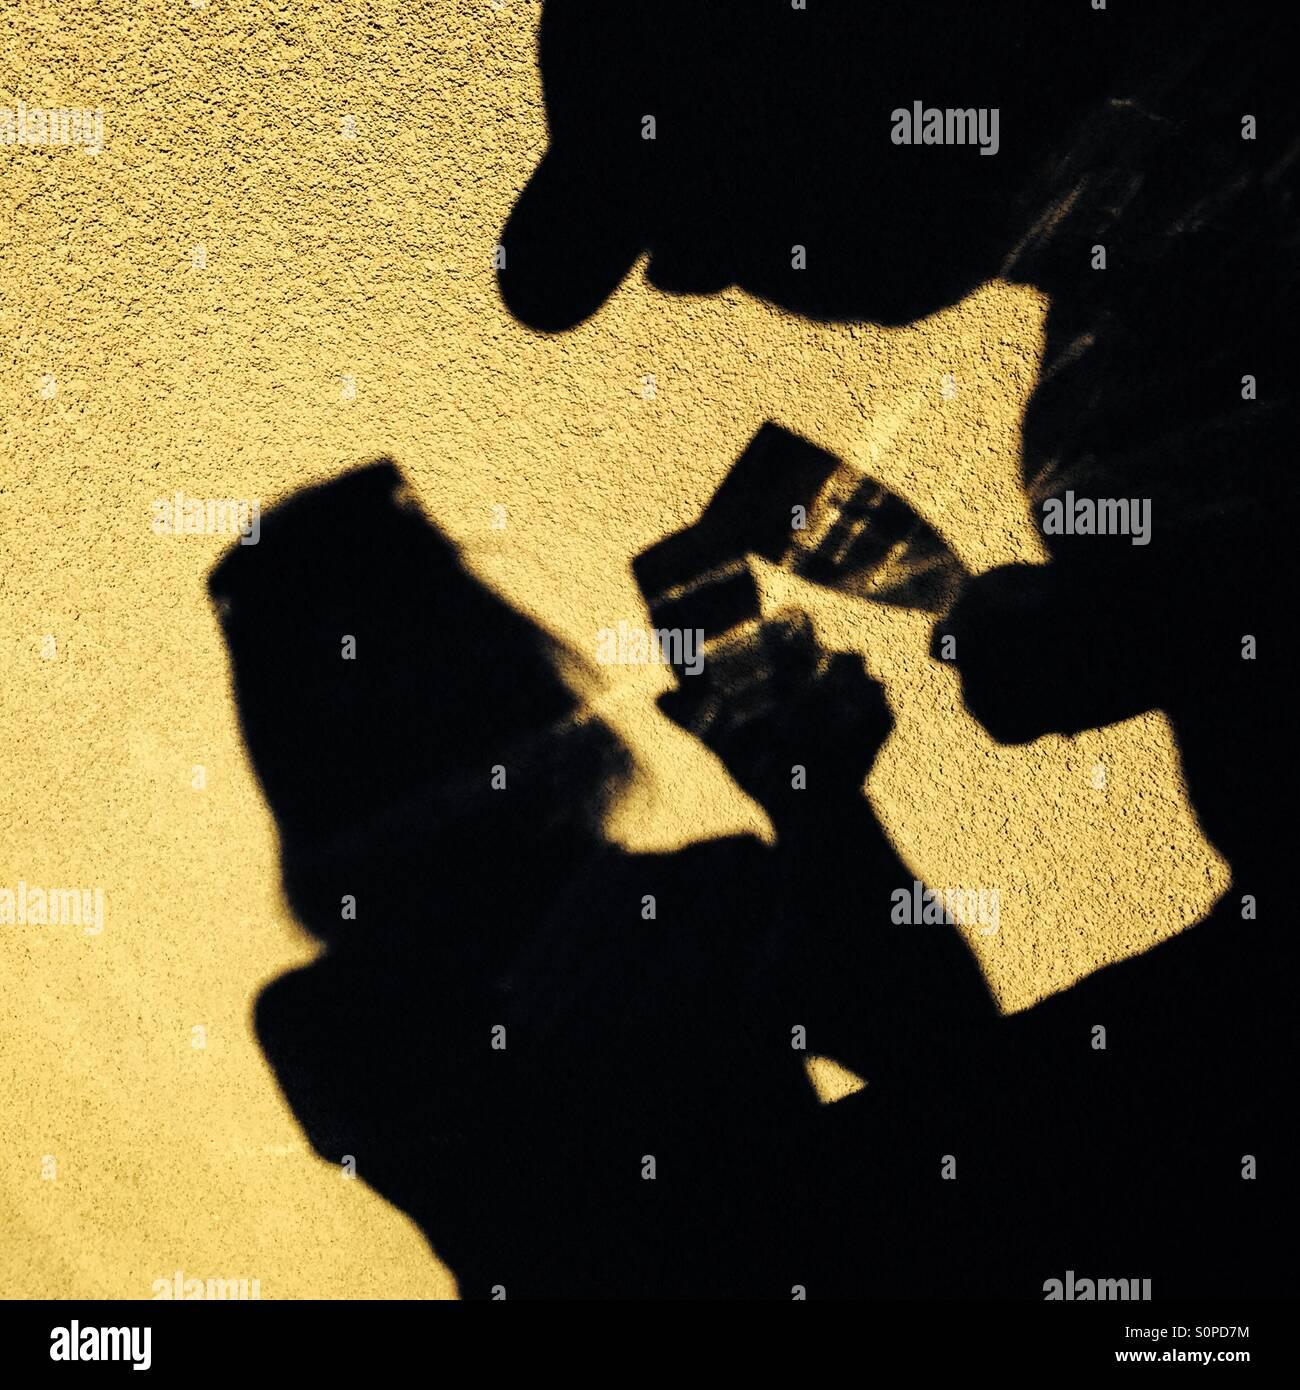 Sombra de una pareja con un brindis con champagne Imagen De Stock